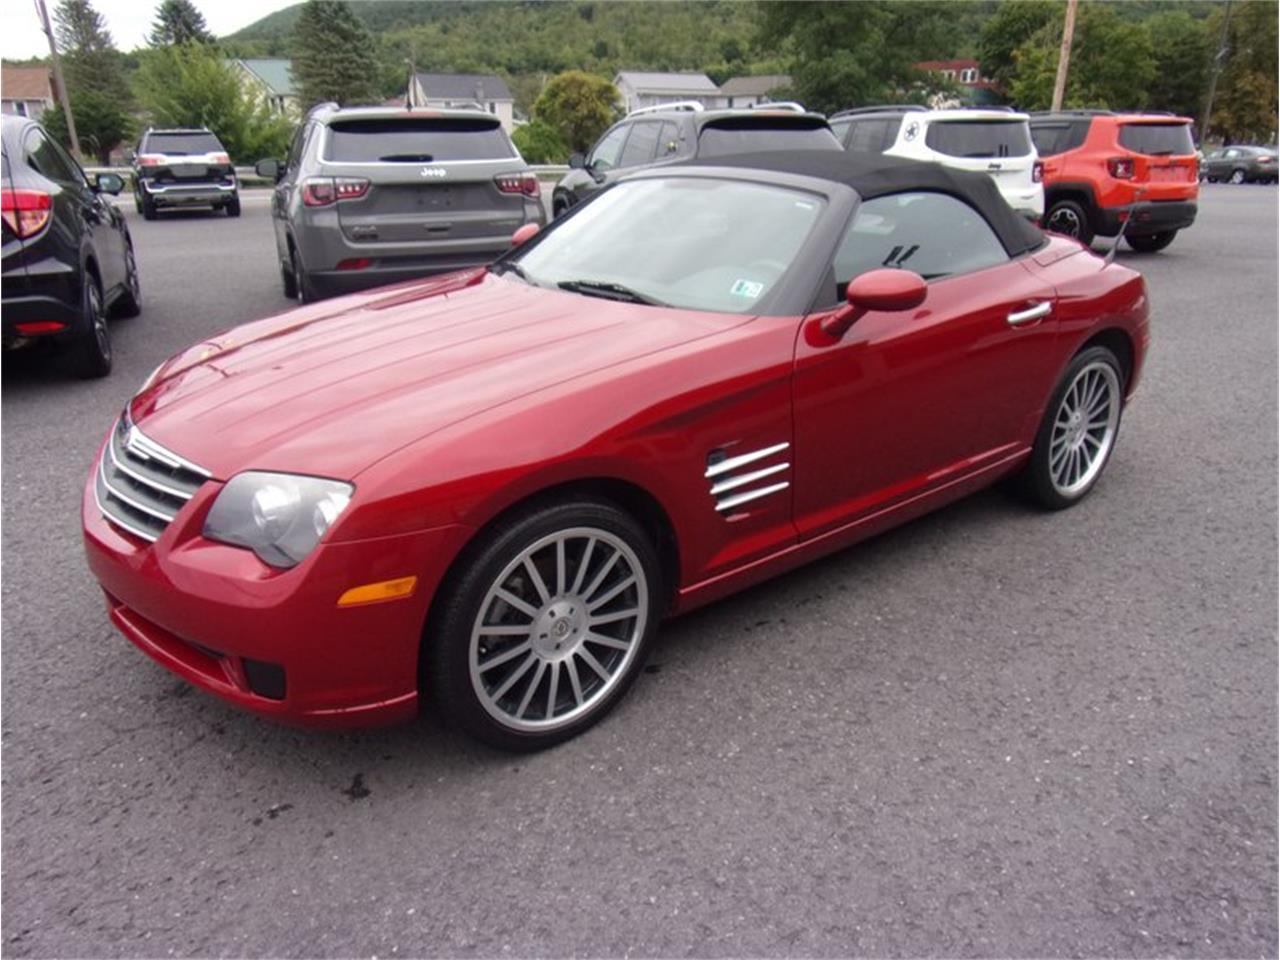 2006 Chrysler Crossfire (CC-1412463) for sale in Greensboro, North Carolina